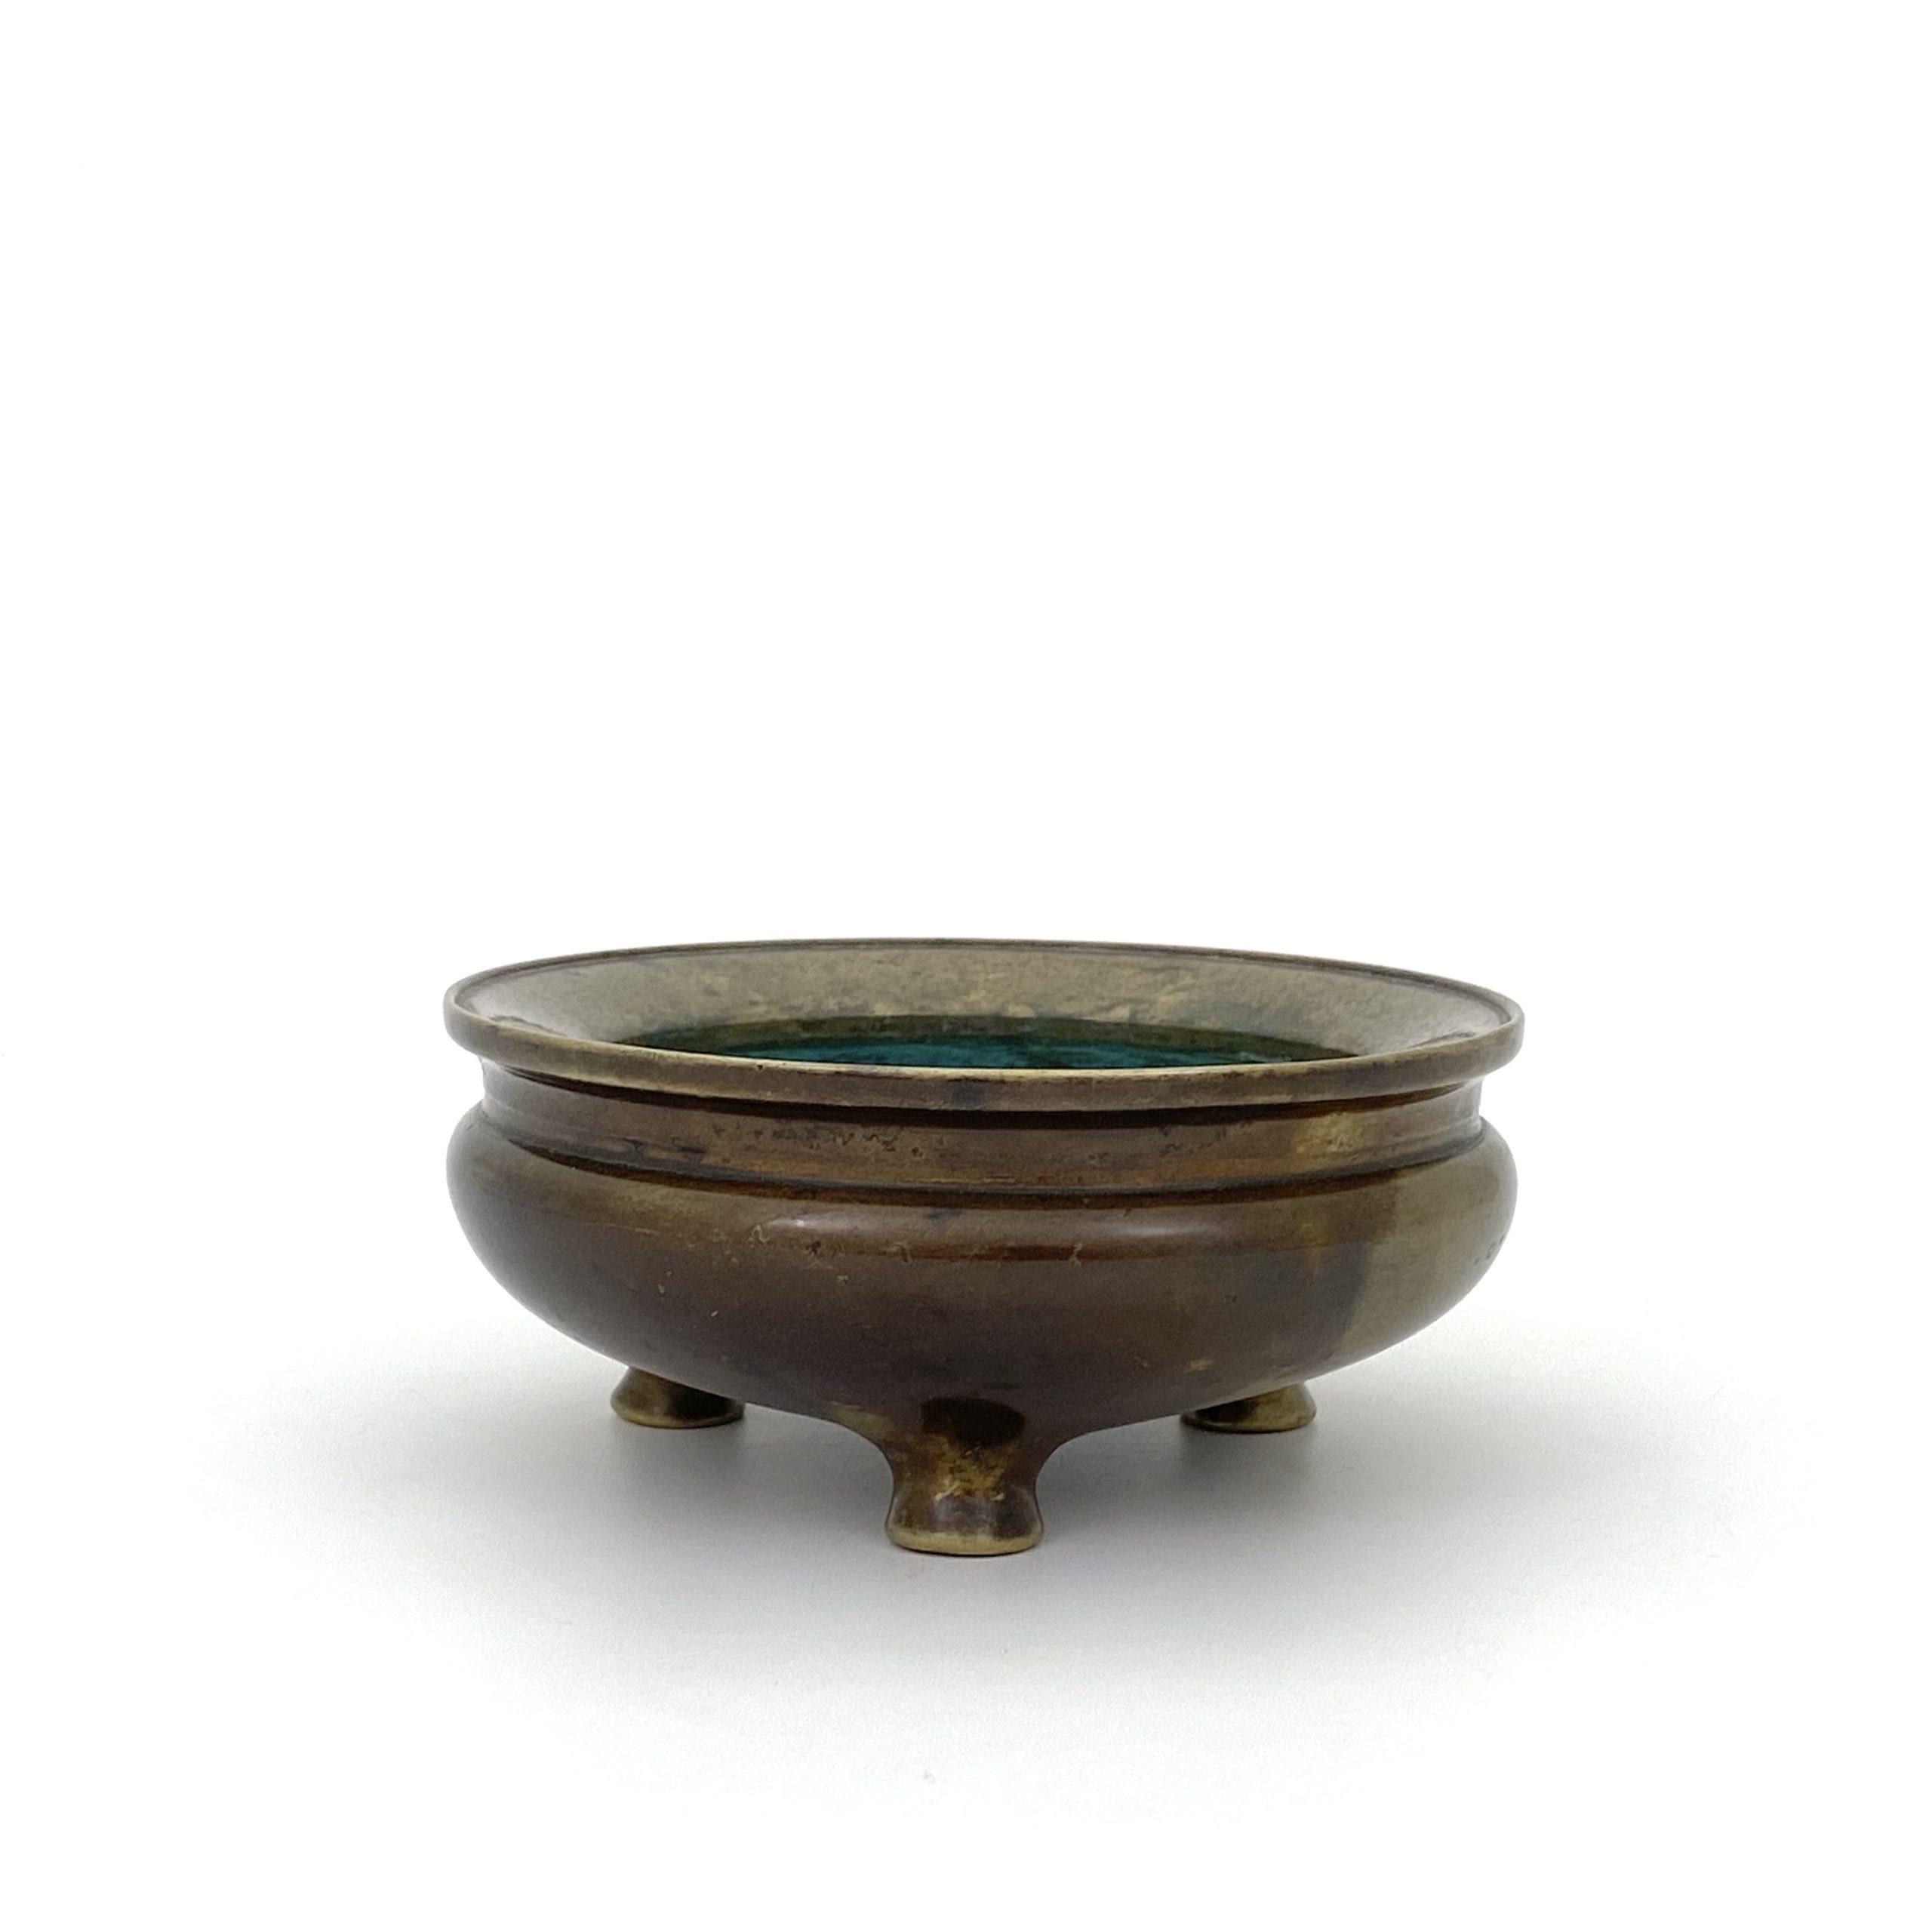 21016明末清初「宣徳年製」款 銅 鬲式 爐 第17回網頁掲載品